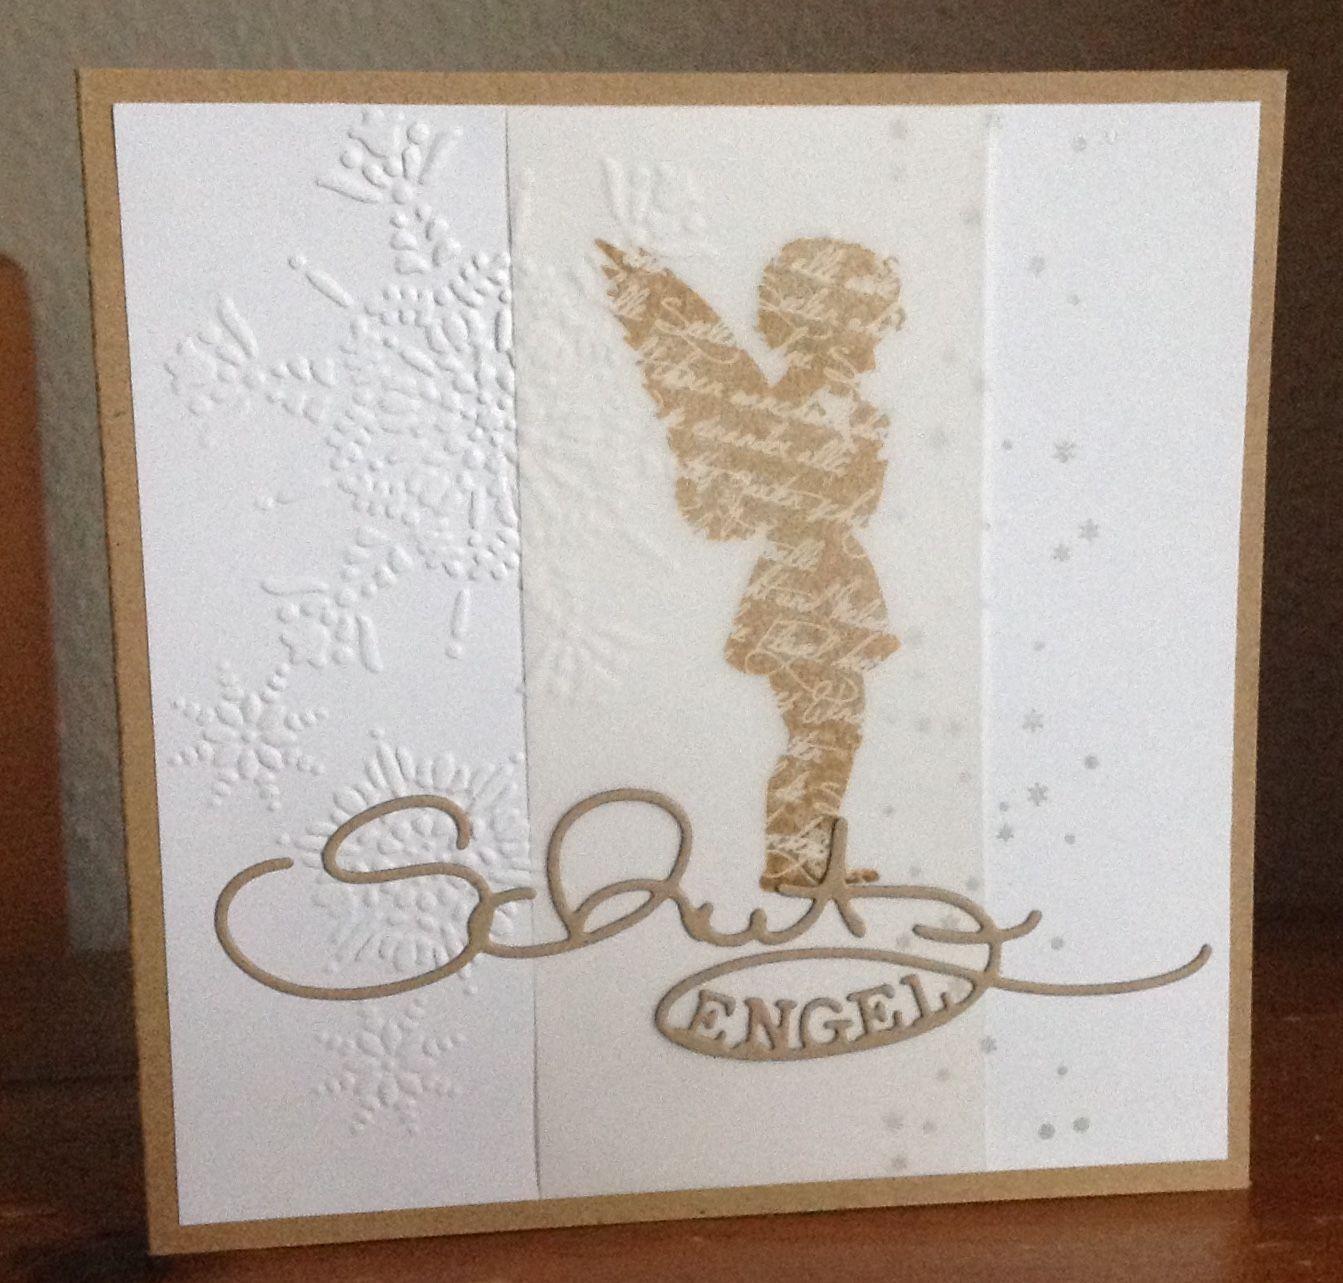 Weihnachtskarte alexandra renke stempel engel und stanze schutzengel alexandra renke - Pinterest weihnachtskarten ...